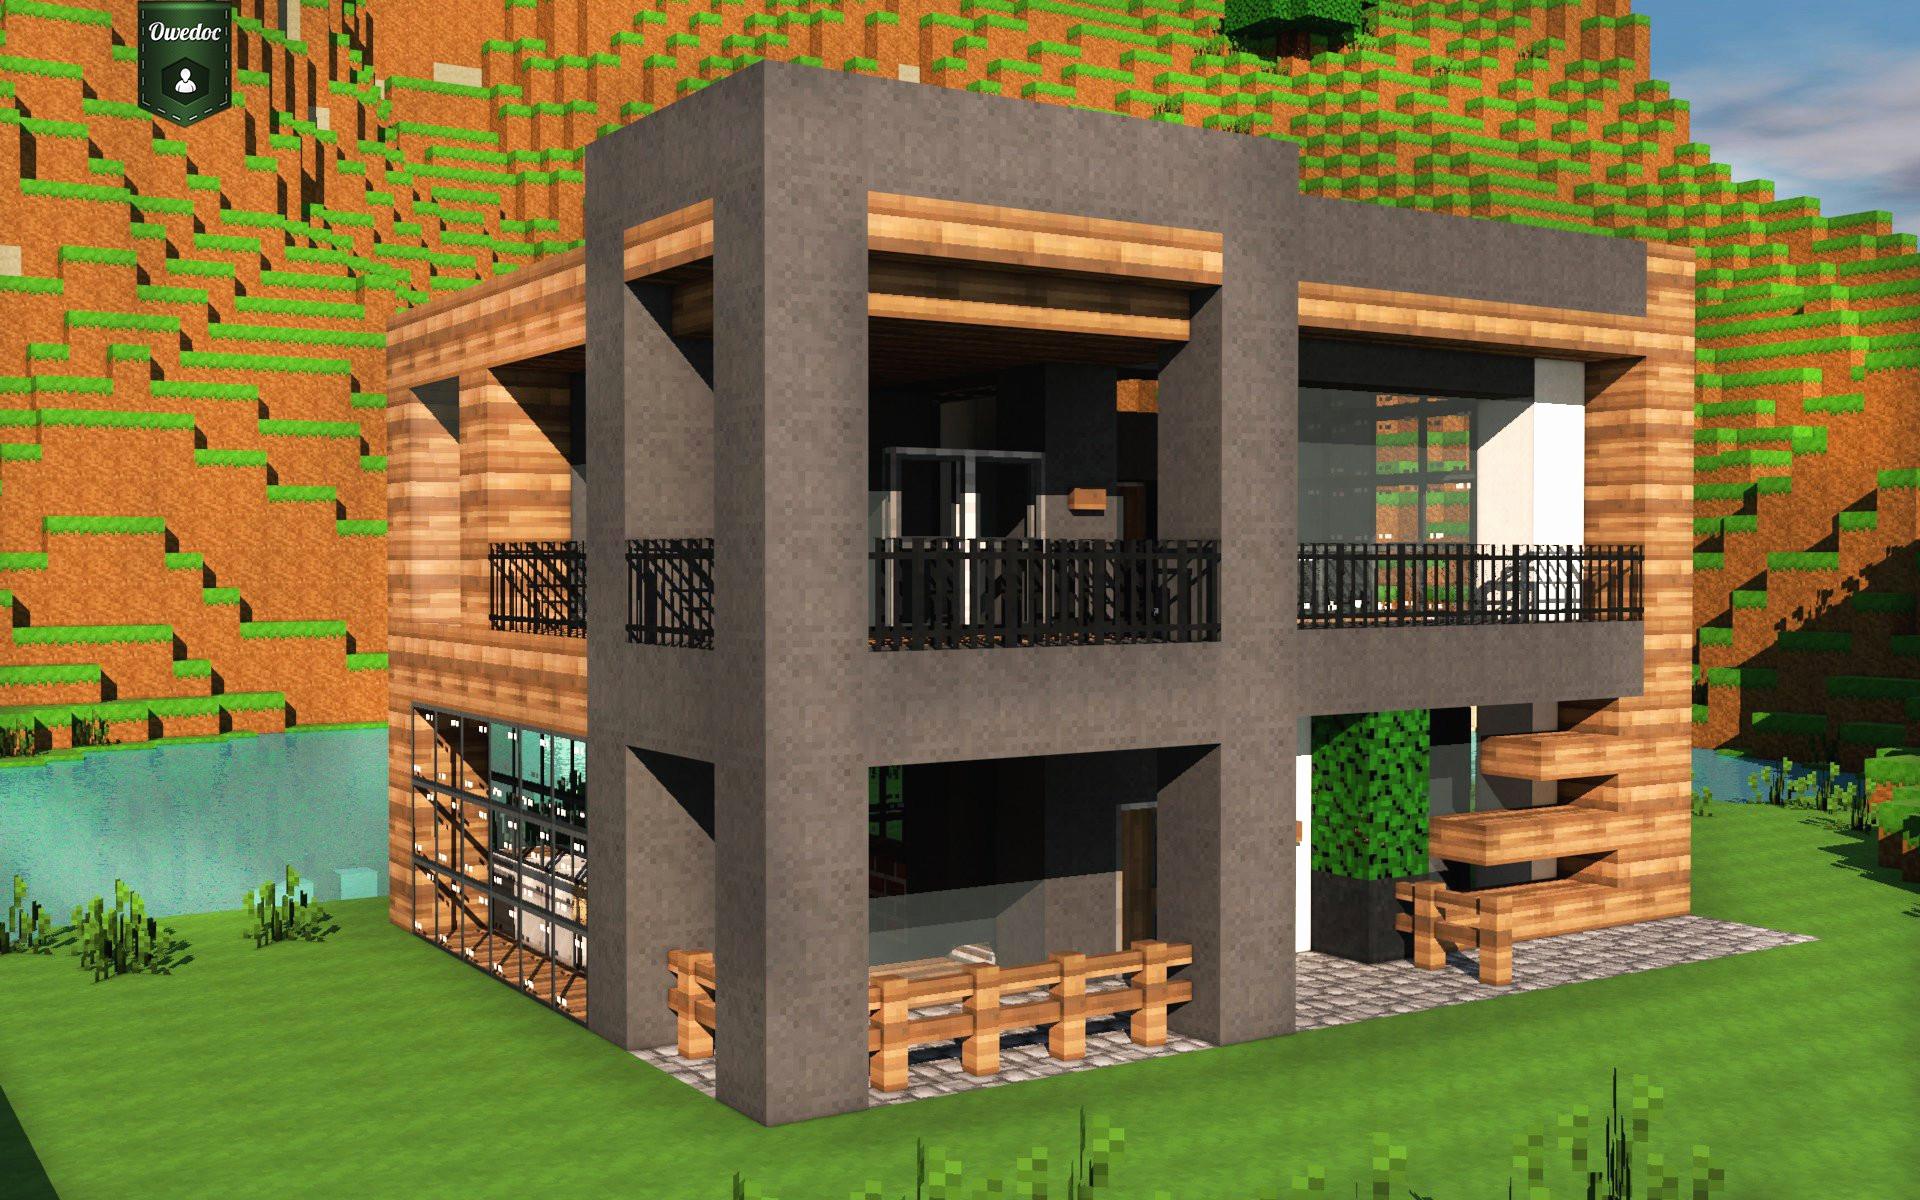 Minecraft Deco Moderne Meilleur De Images Cuisine Moderne Minecraft Nouveau Grande Maison Minecraft Maison R